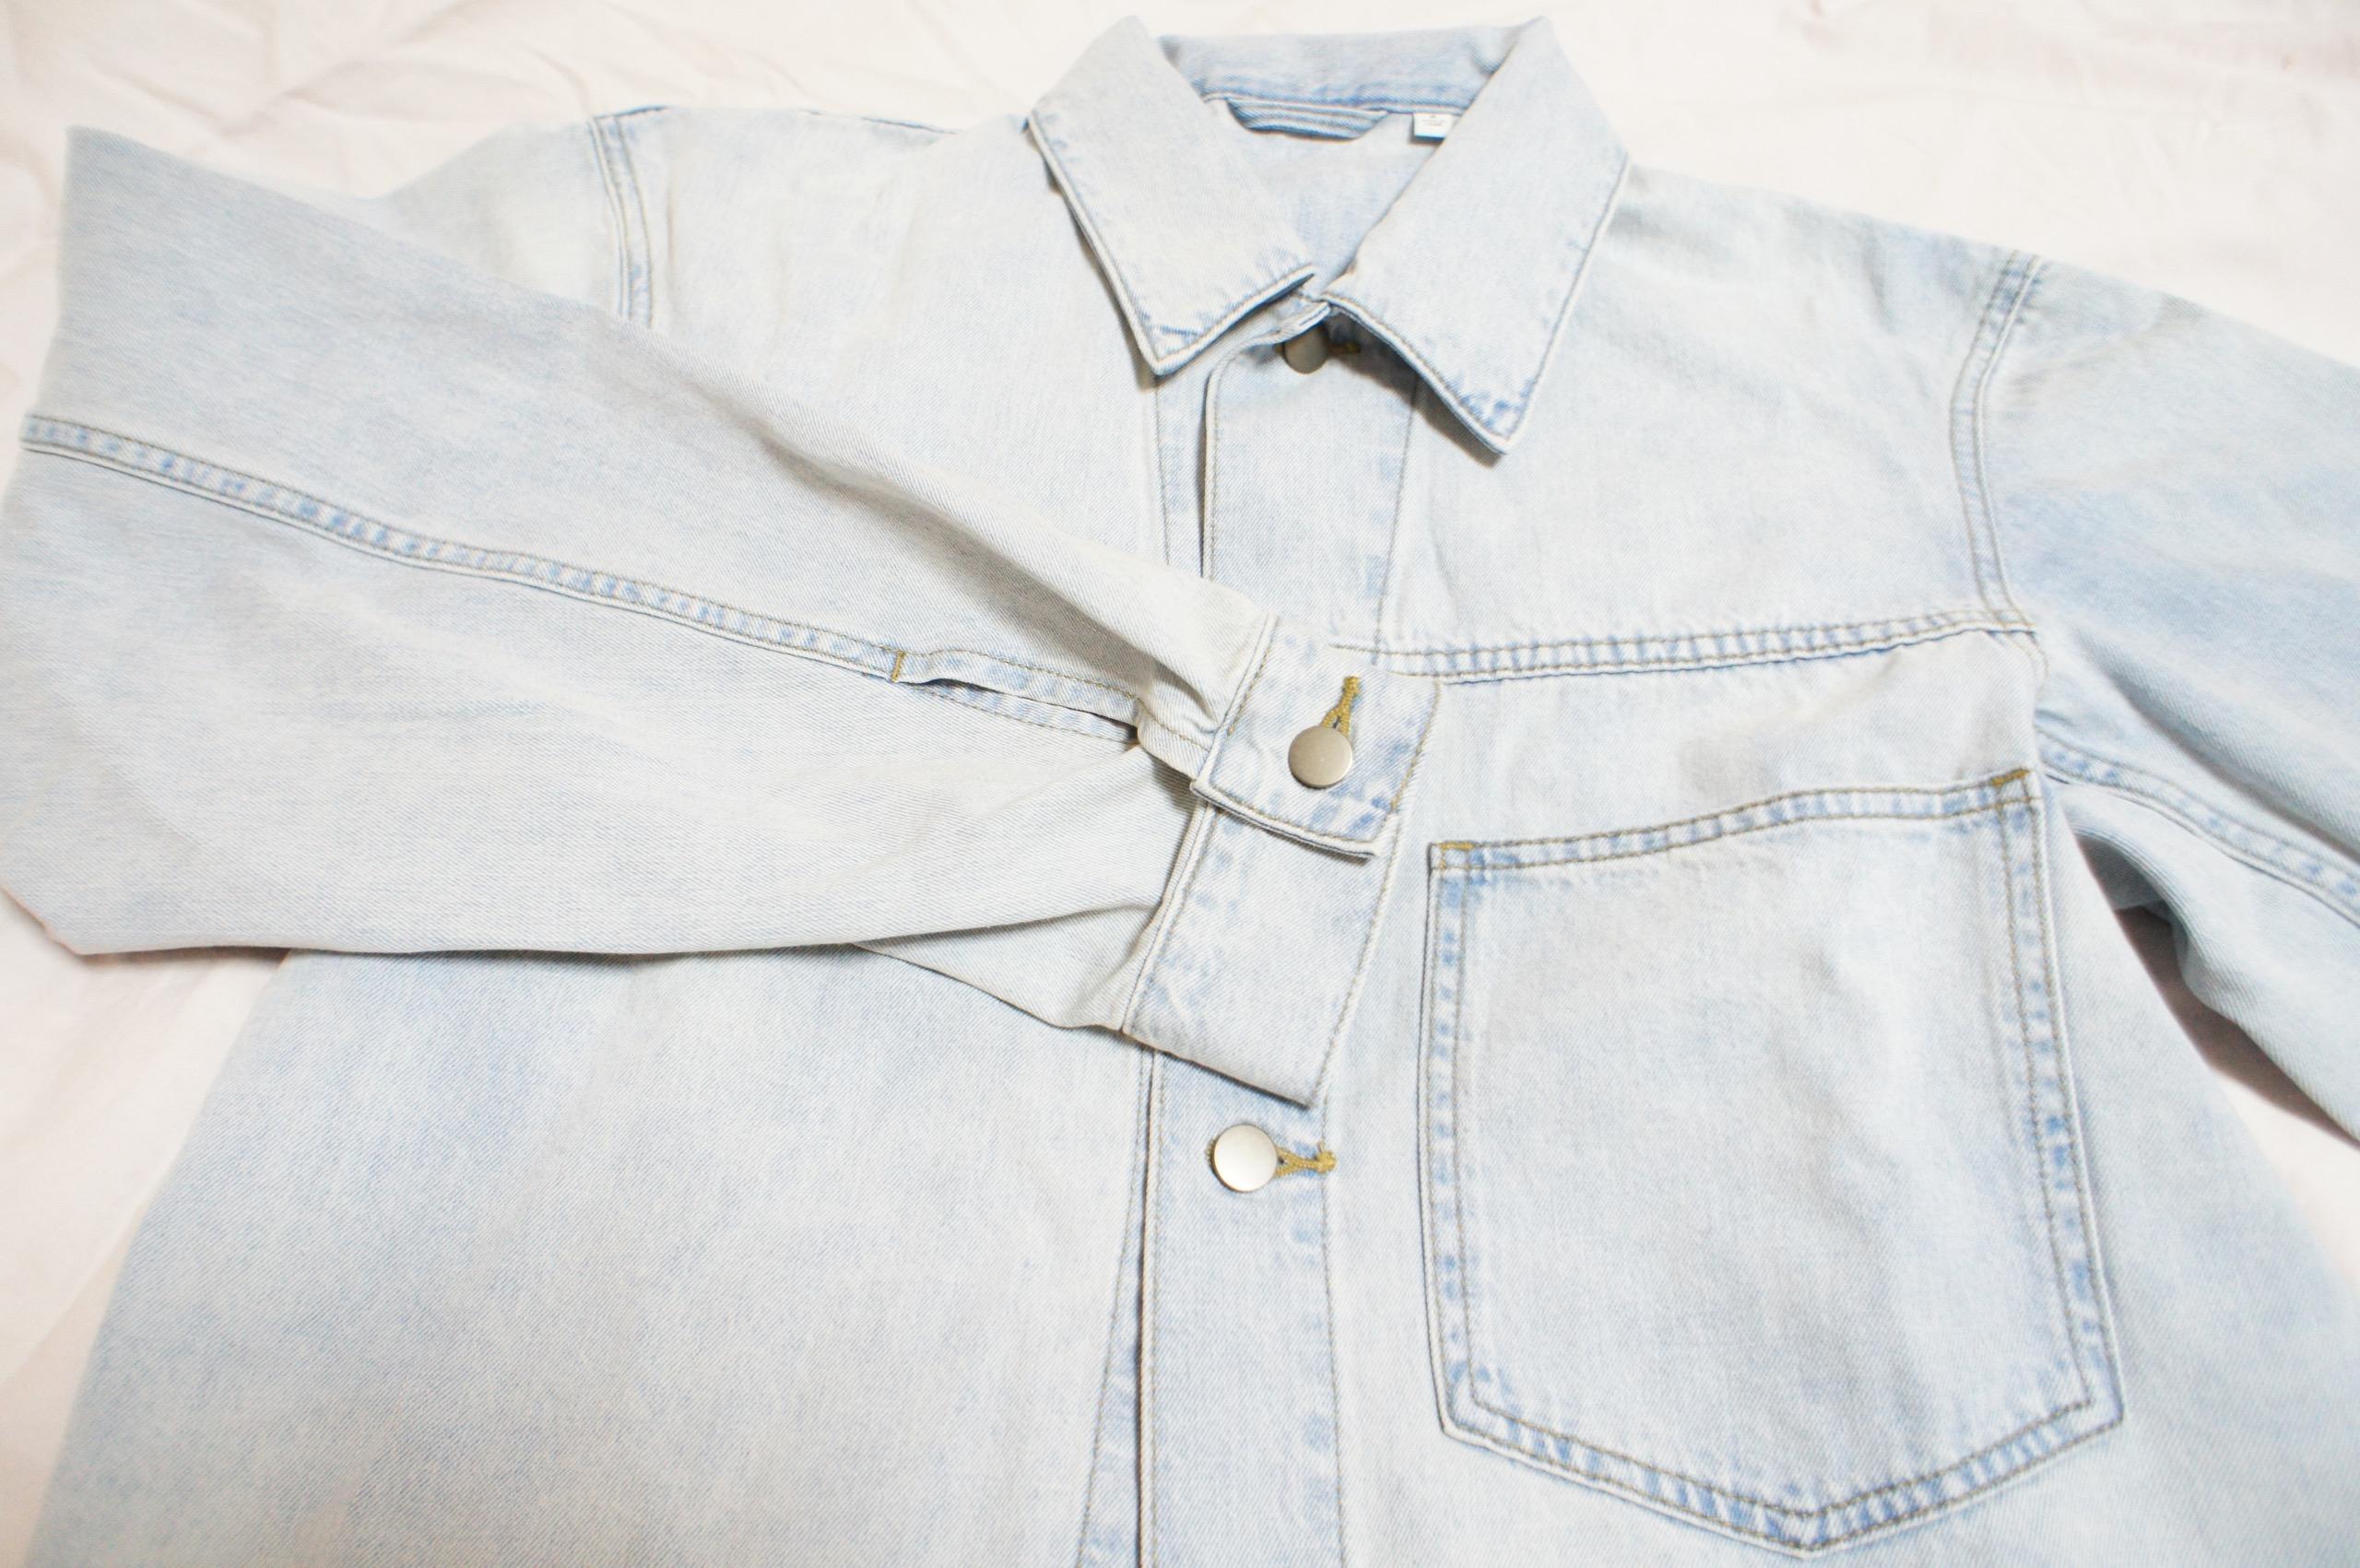 【ZARA&ユニクロ・GU】働く女子が買ったプチプラブランドのアイテムまとめ   ファッション_1_22